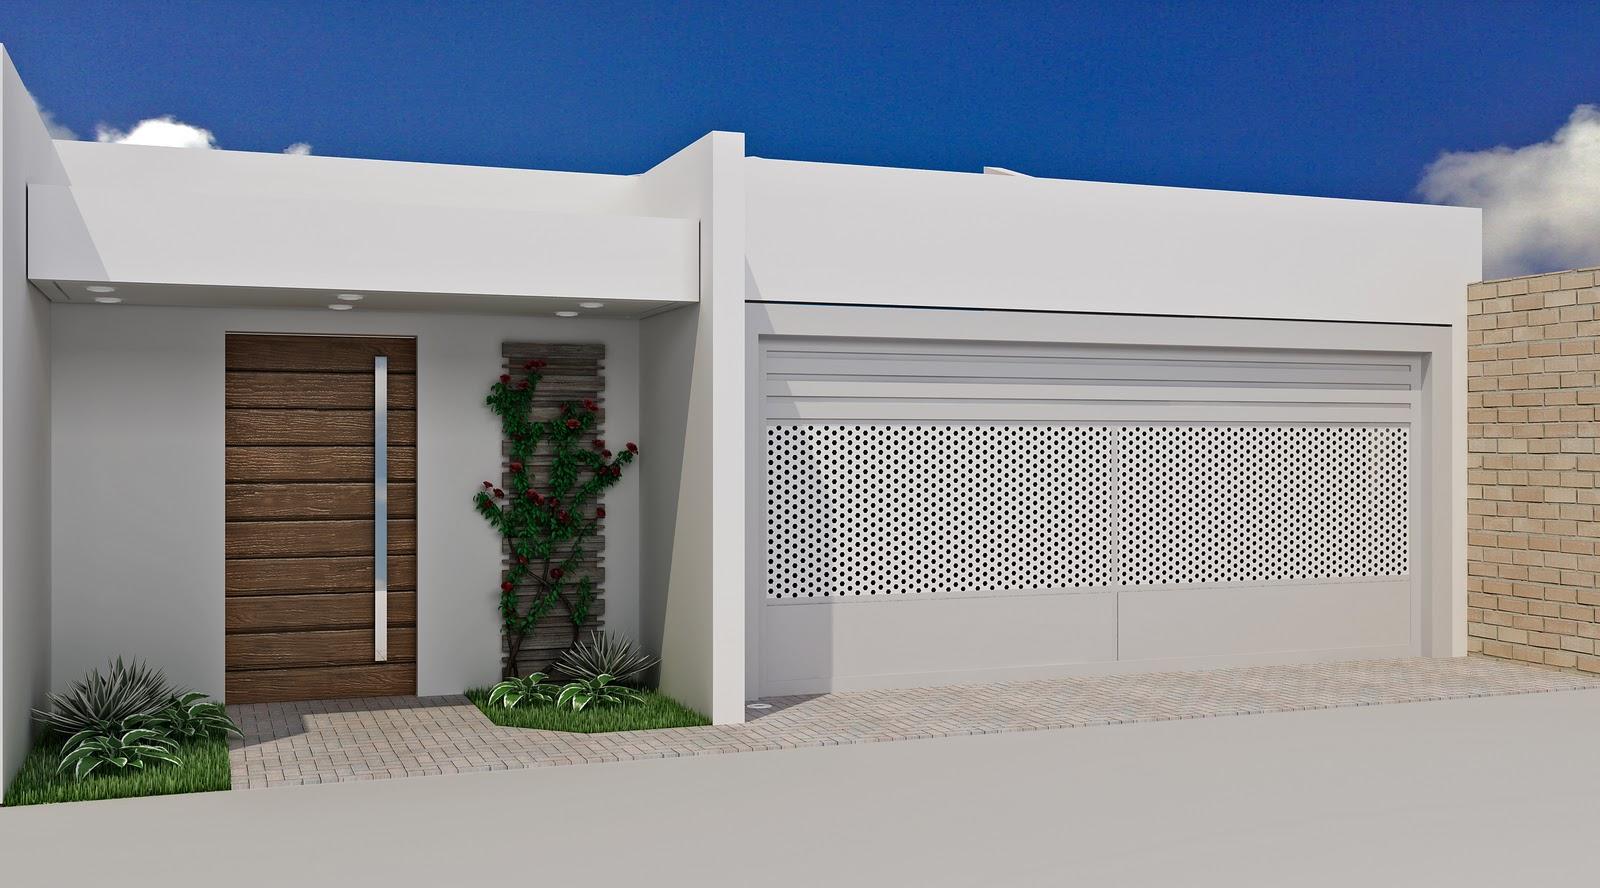 Como deixar linda a fachada apostando em muros e port es for Fachadas de almacenes modernos